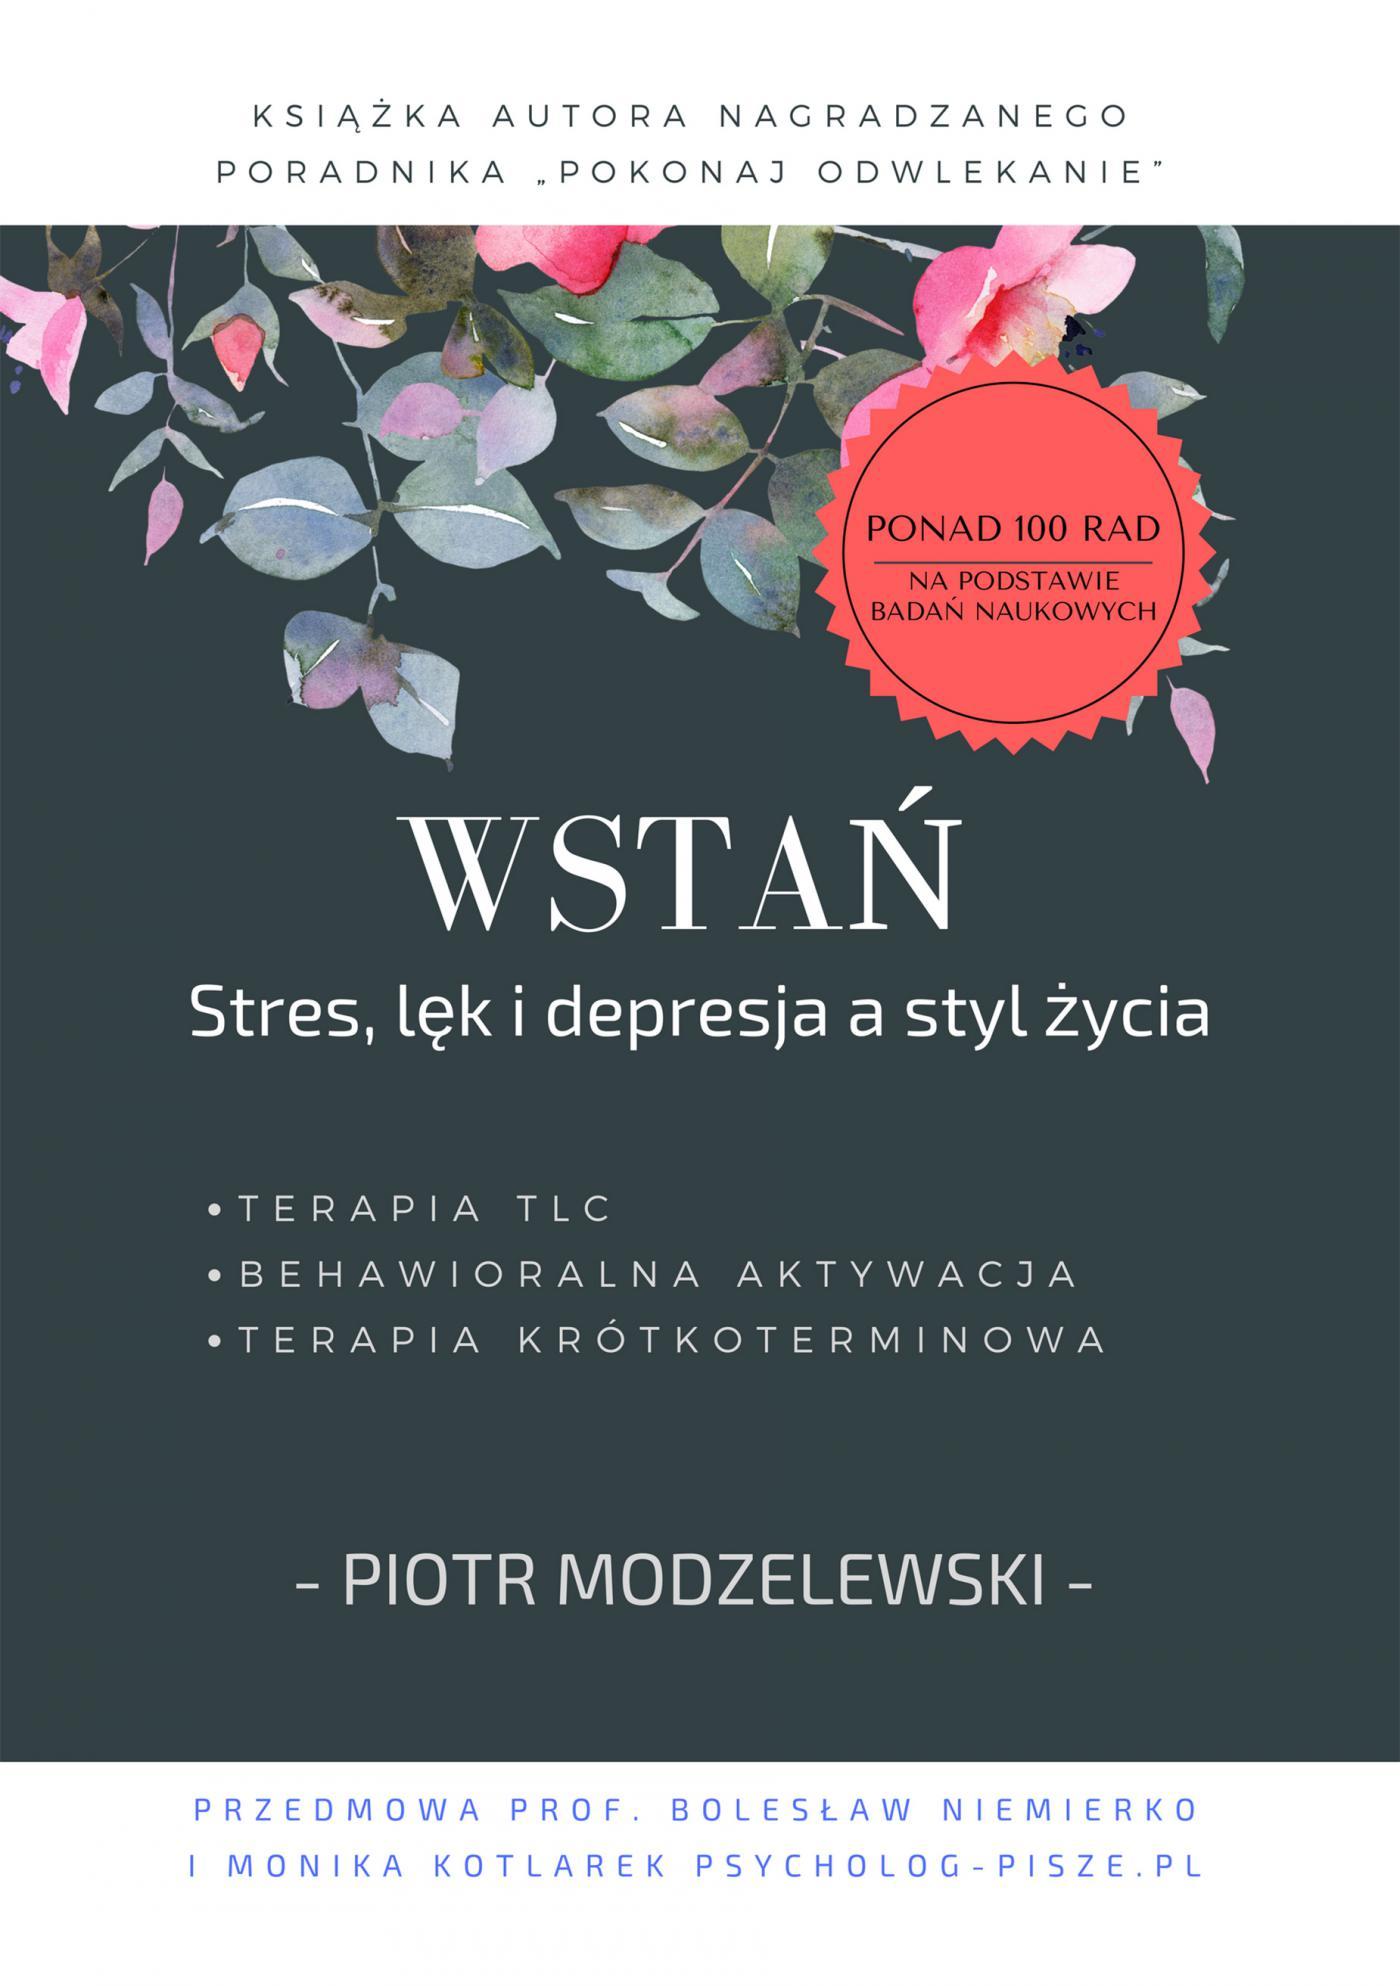 Wstań. Stres, lęk i depresja a styl życia - Ebook (Książka PDF) do pobrania w formacie PDF